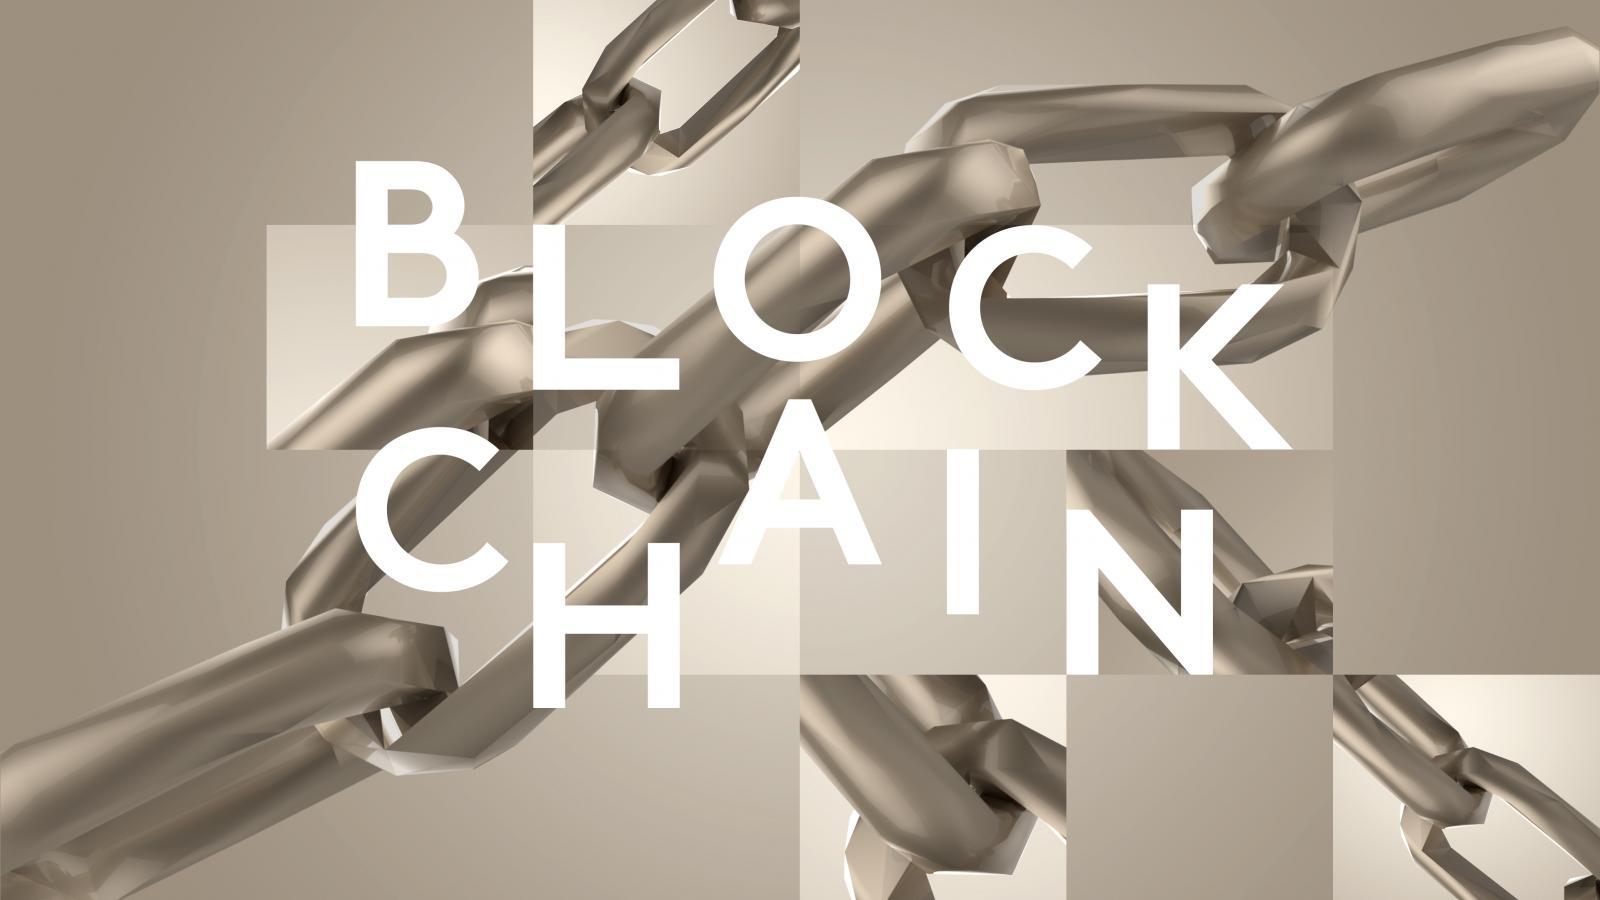 Blockchain Bitcoin e ICO partecipa al corso Ated per comprendere la nuova rivoluzione digitale - Blockchain, Bitcoin e ICO: partecipa all'esclusivo corso Ated per comprendere la nuova rivoluzione digitale